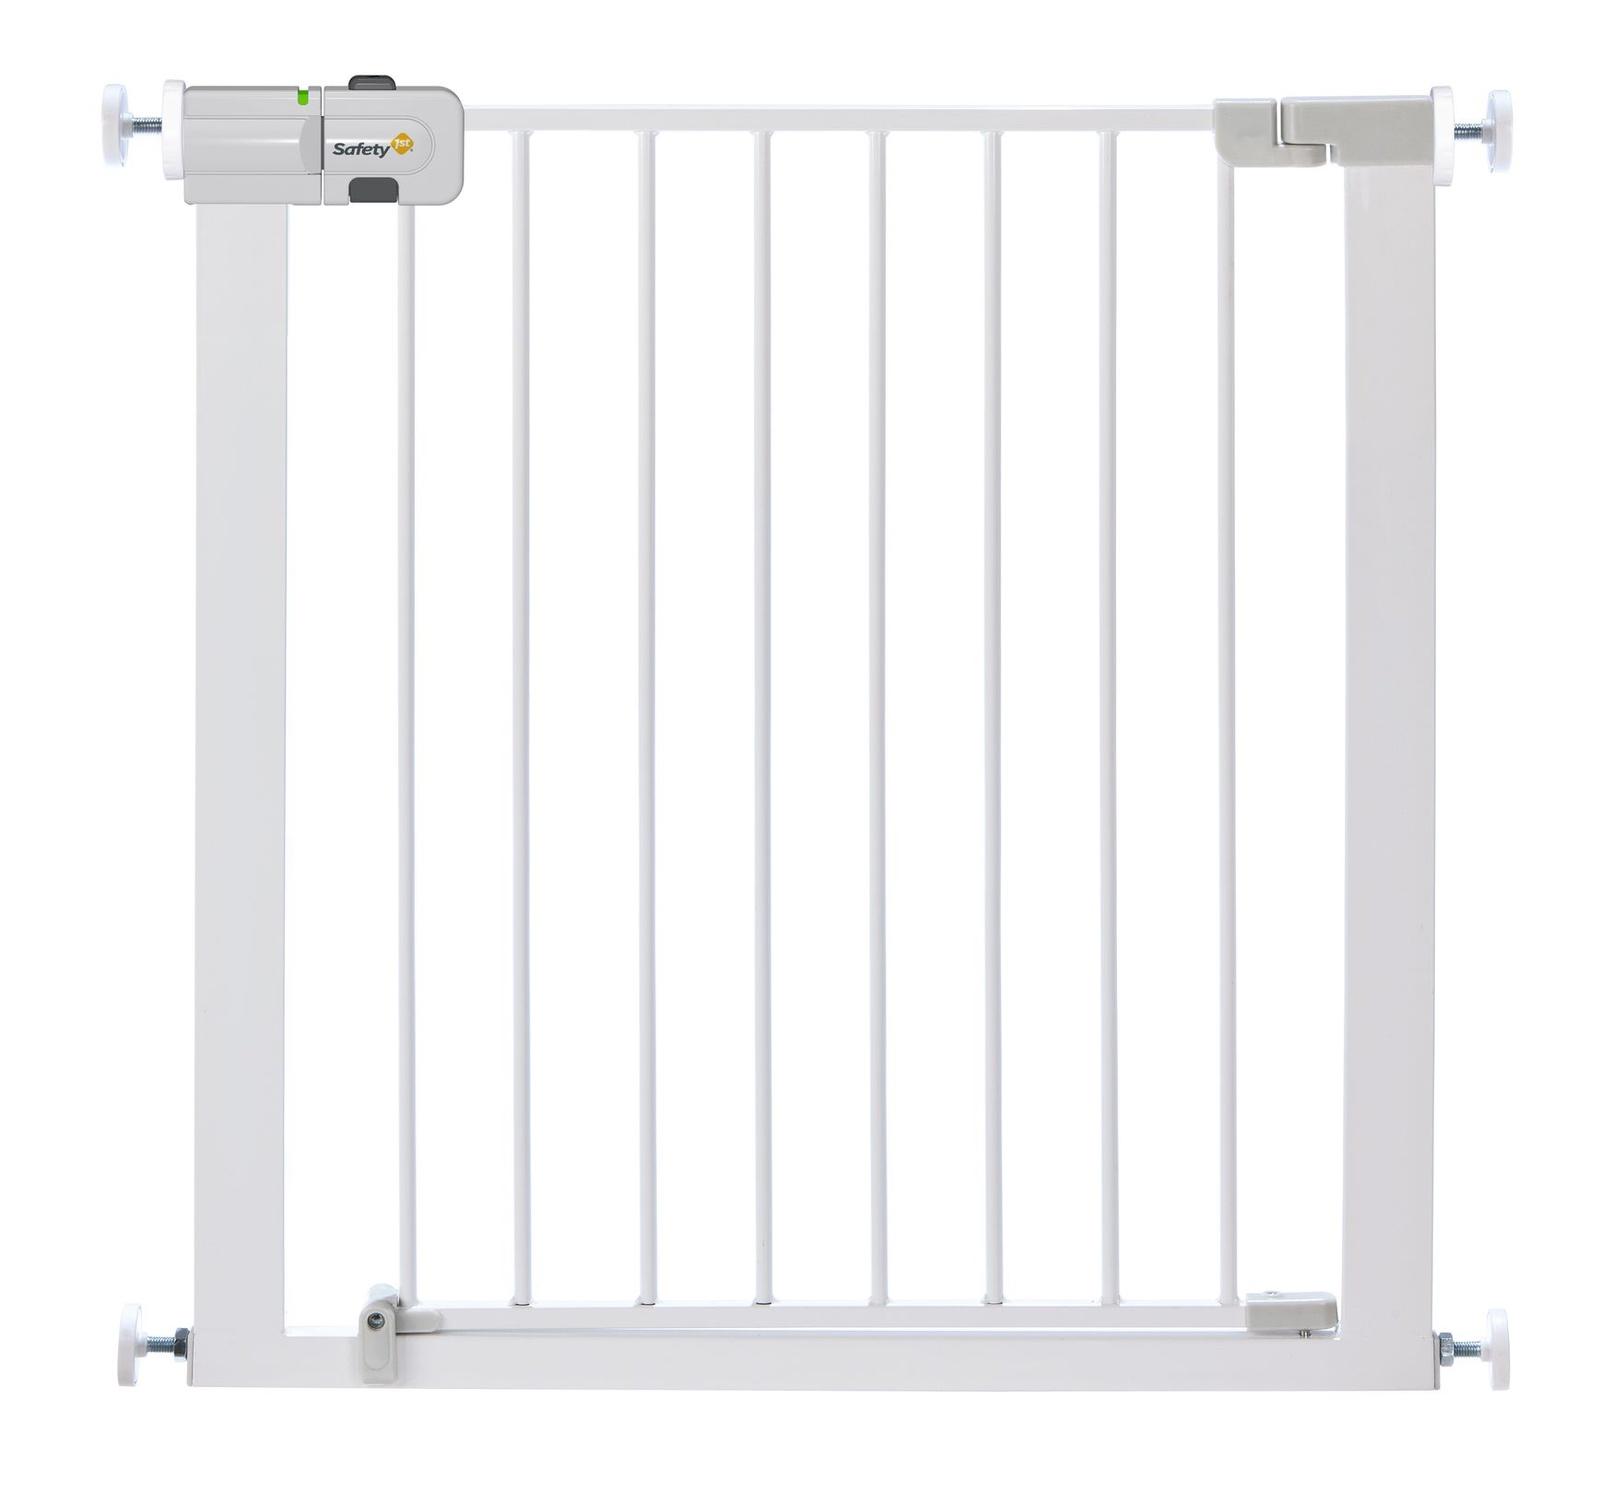 Ворота безопасности Safety 1st Металлический барьер-калитка EASY CLOSE METAL Safety 1st, 24754310, 24754310 стоимость